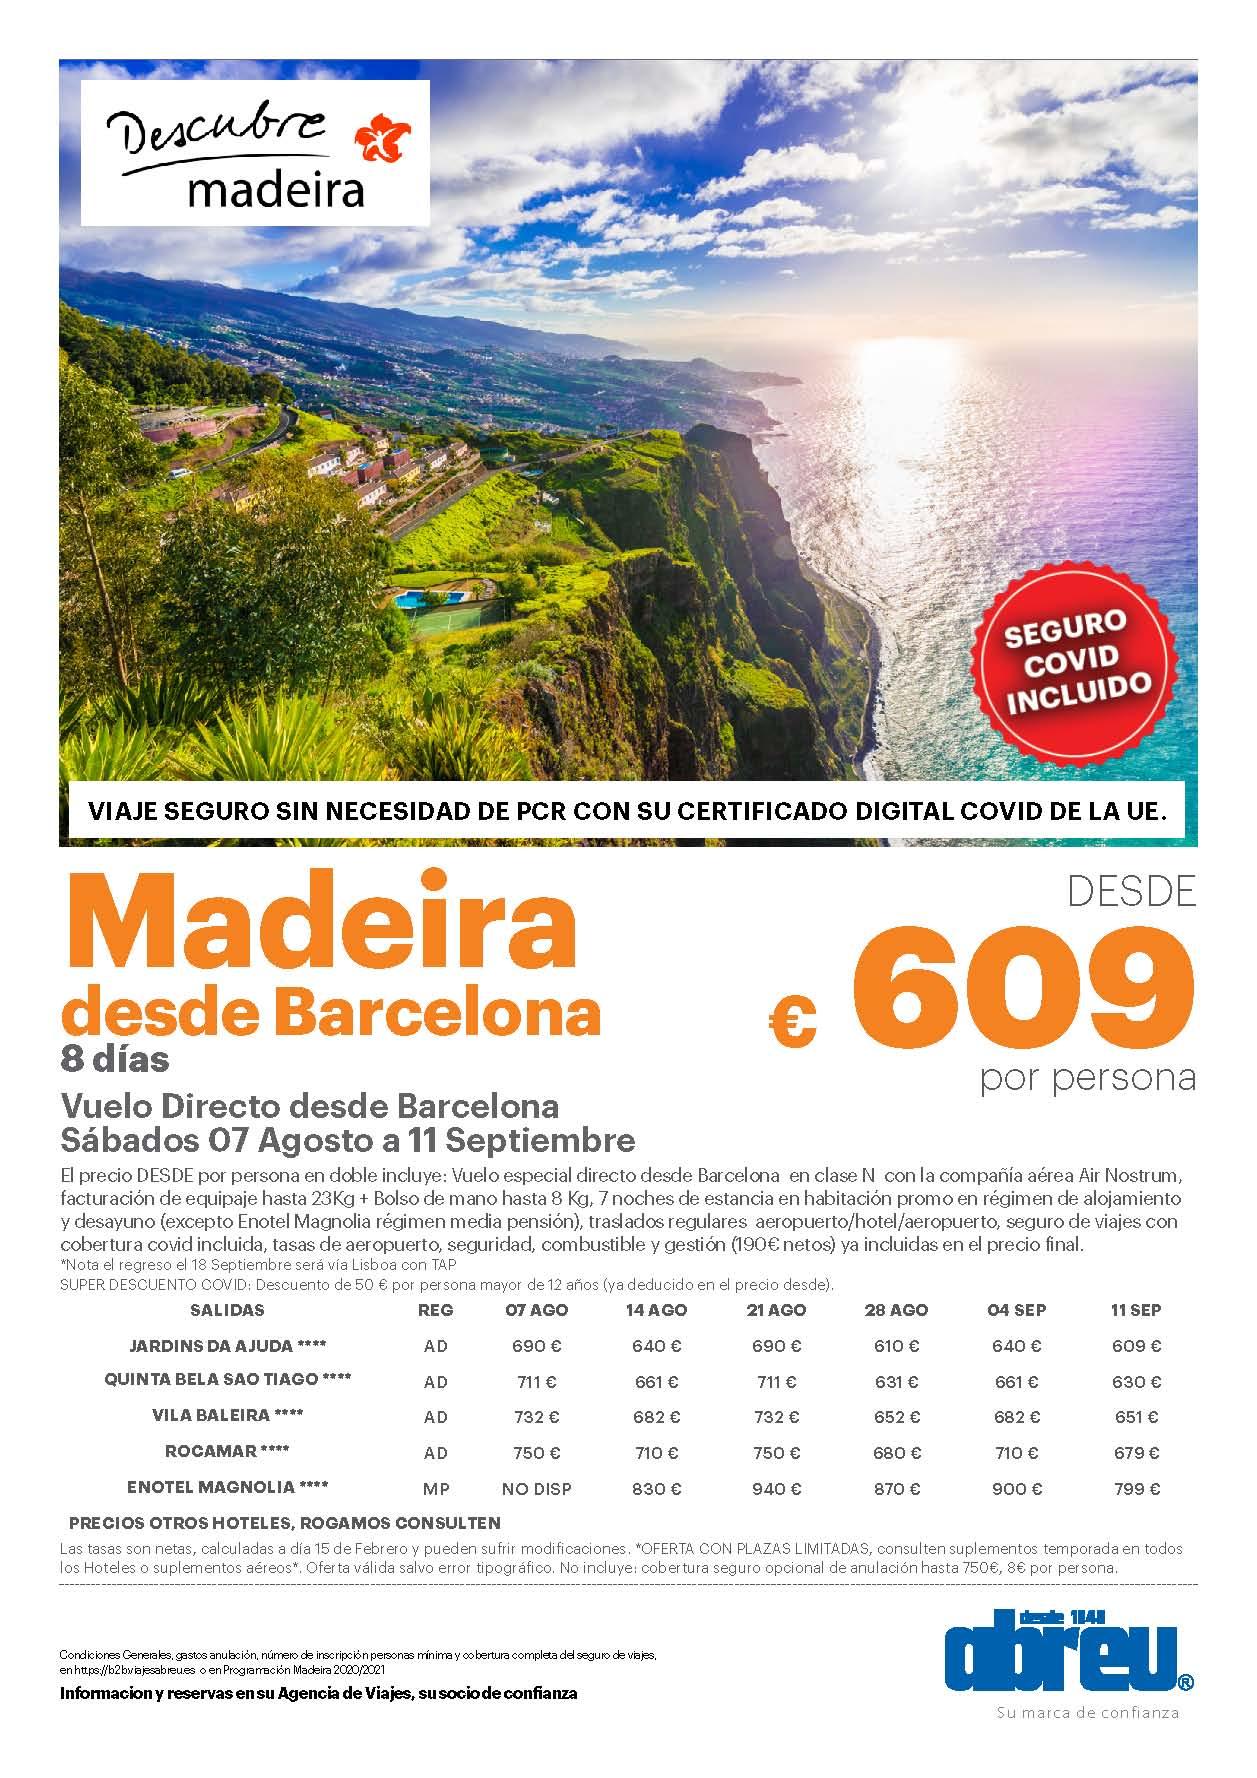 Oferta Abreu Madeira Agosto Septiembre 2021 vuelo directo desde Barcelona